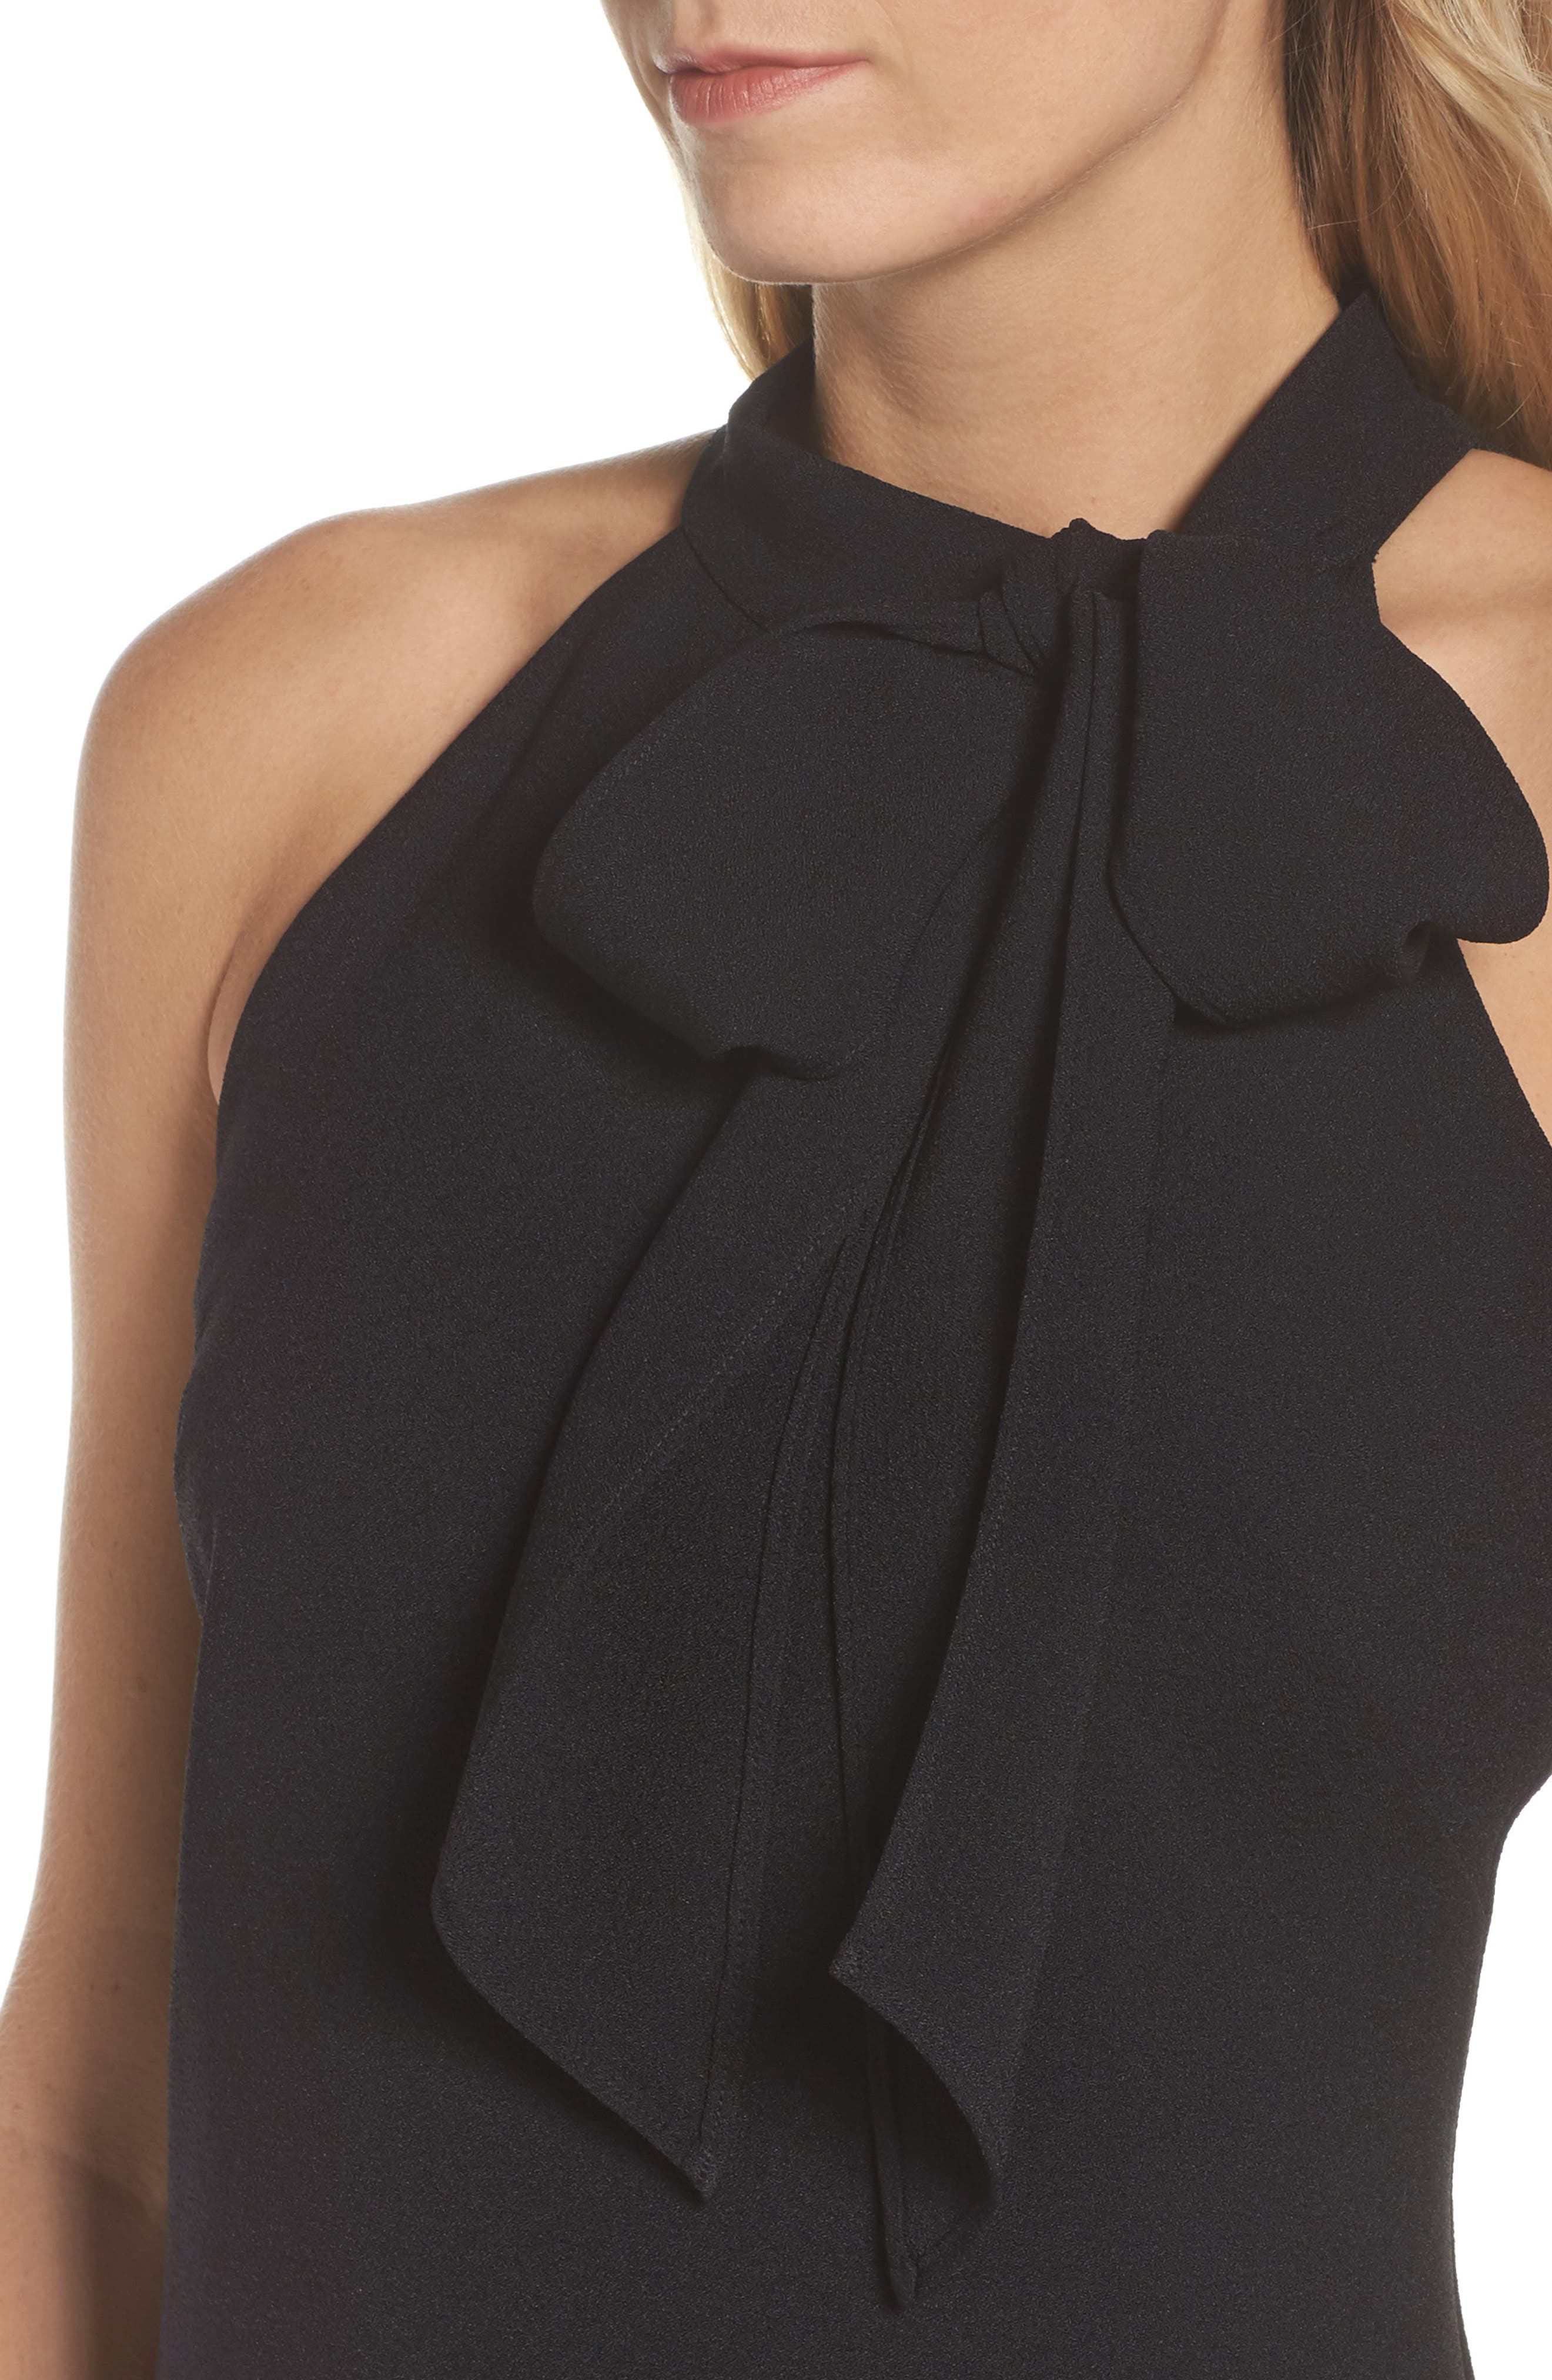 VINCE CAMUTO, Halter Tie Neck A-Line Dress, Alternate thumbnail 5, color, 001